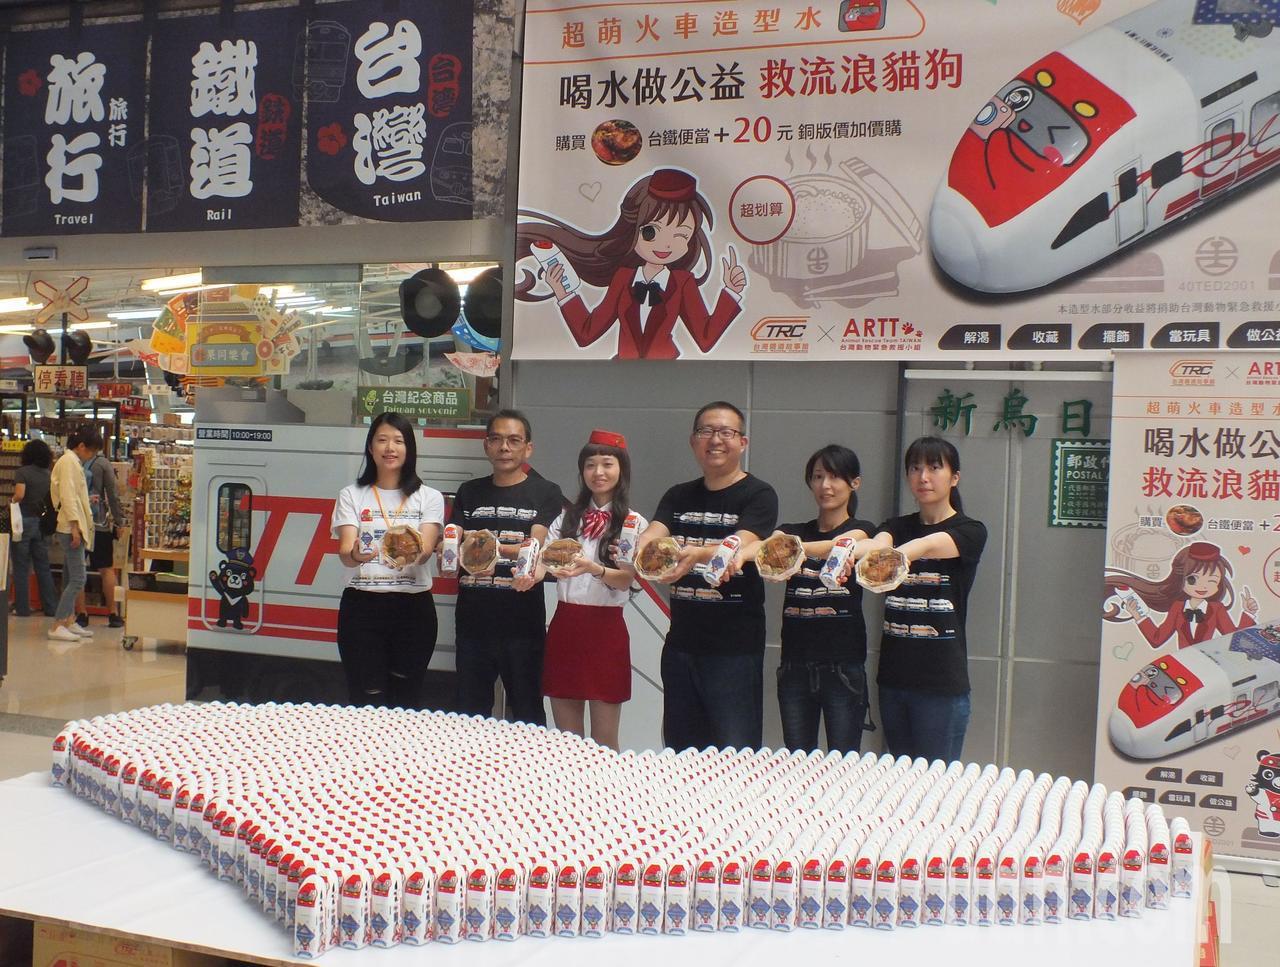 設計商「台灣鐵道故事館」今天在台鐵新烏日站用1500瓶迷你造型水排出大大的愛心圖...